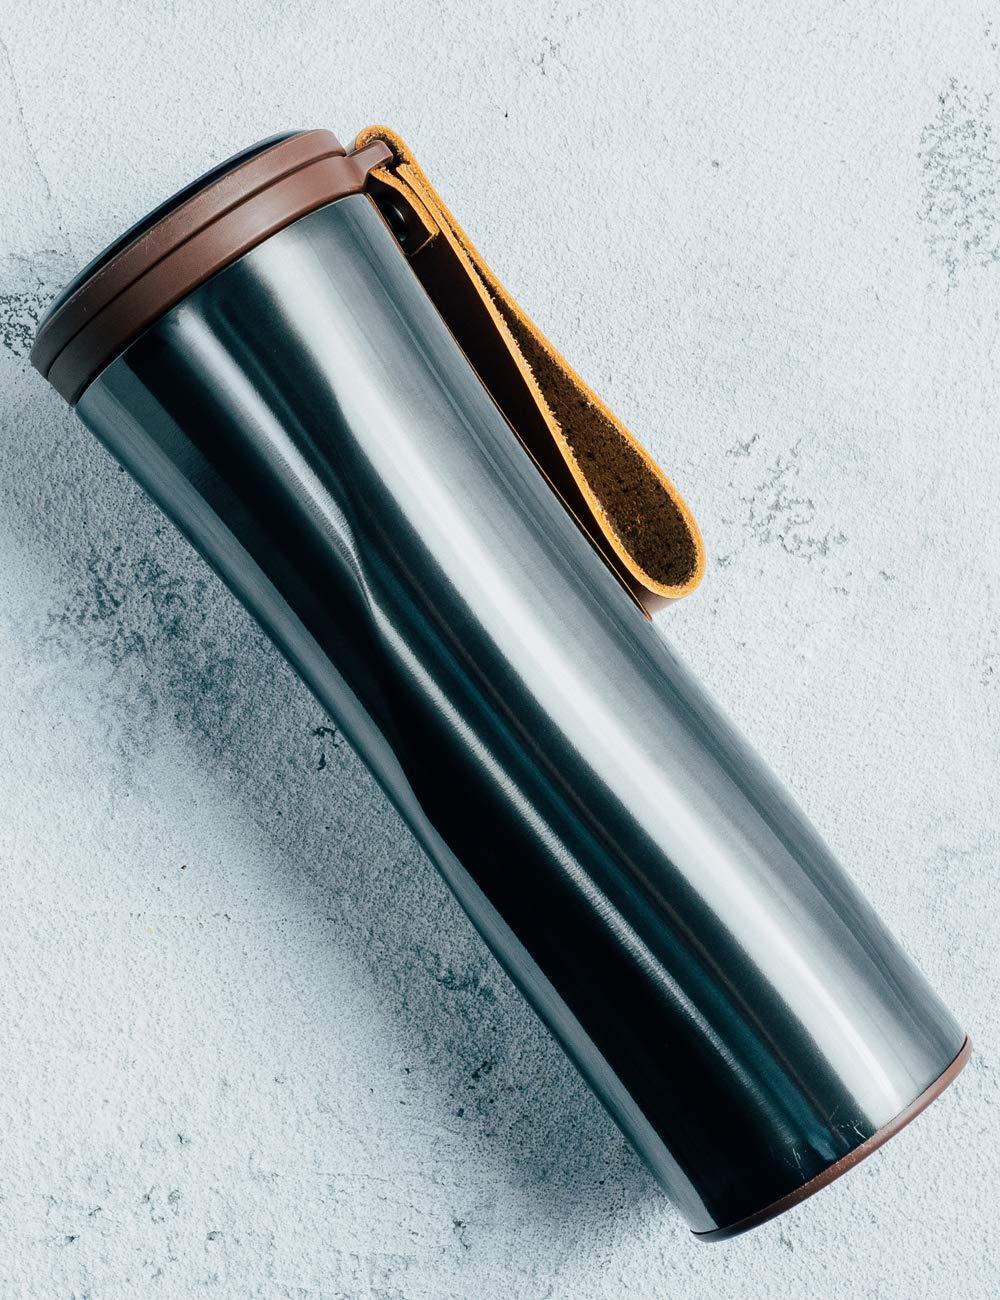 Taza de caf/é to go 430/ML Touch Interactivo Acero Inoxidable Botella con OLED indicador de Temperatura Incluyendo Filtro de caf/é Inteligente Termo Kiss Kiss Fish Taza t/érmica